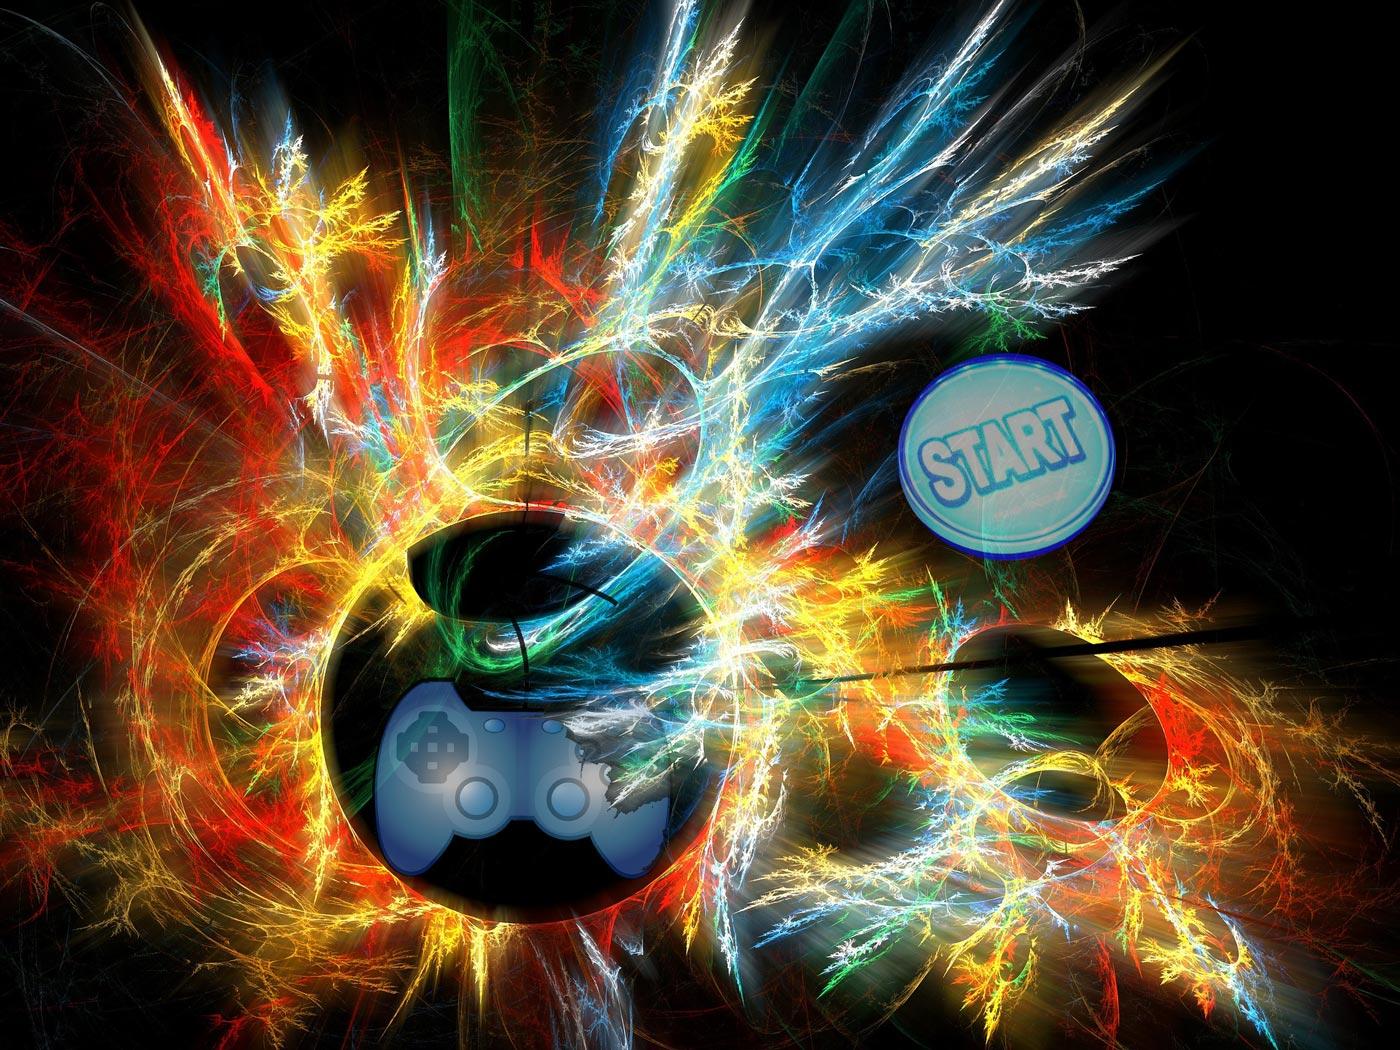 Raffigurazione delle emozioni dell'iniziare un nuovo videogioco.